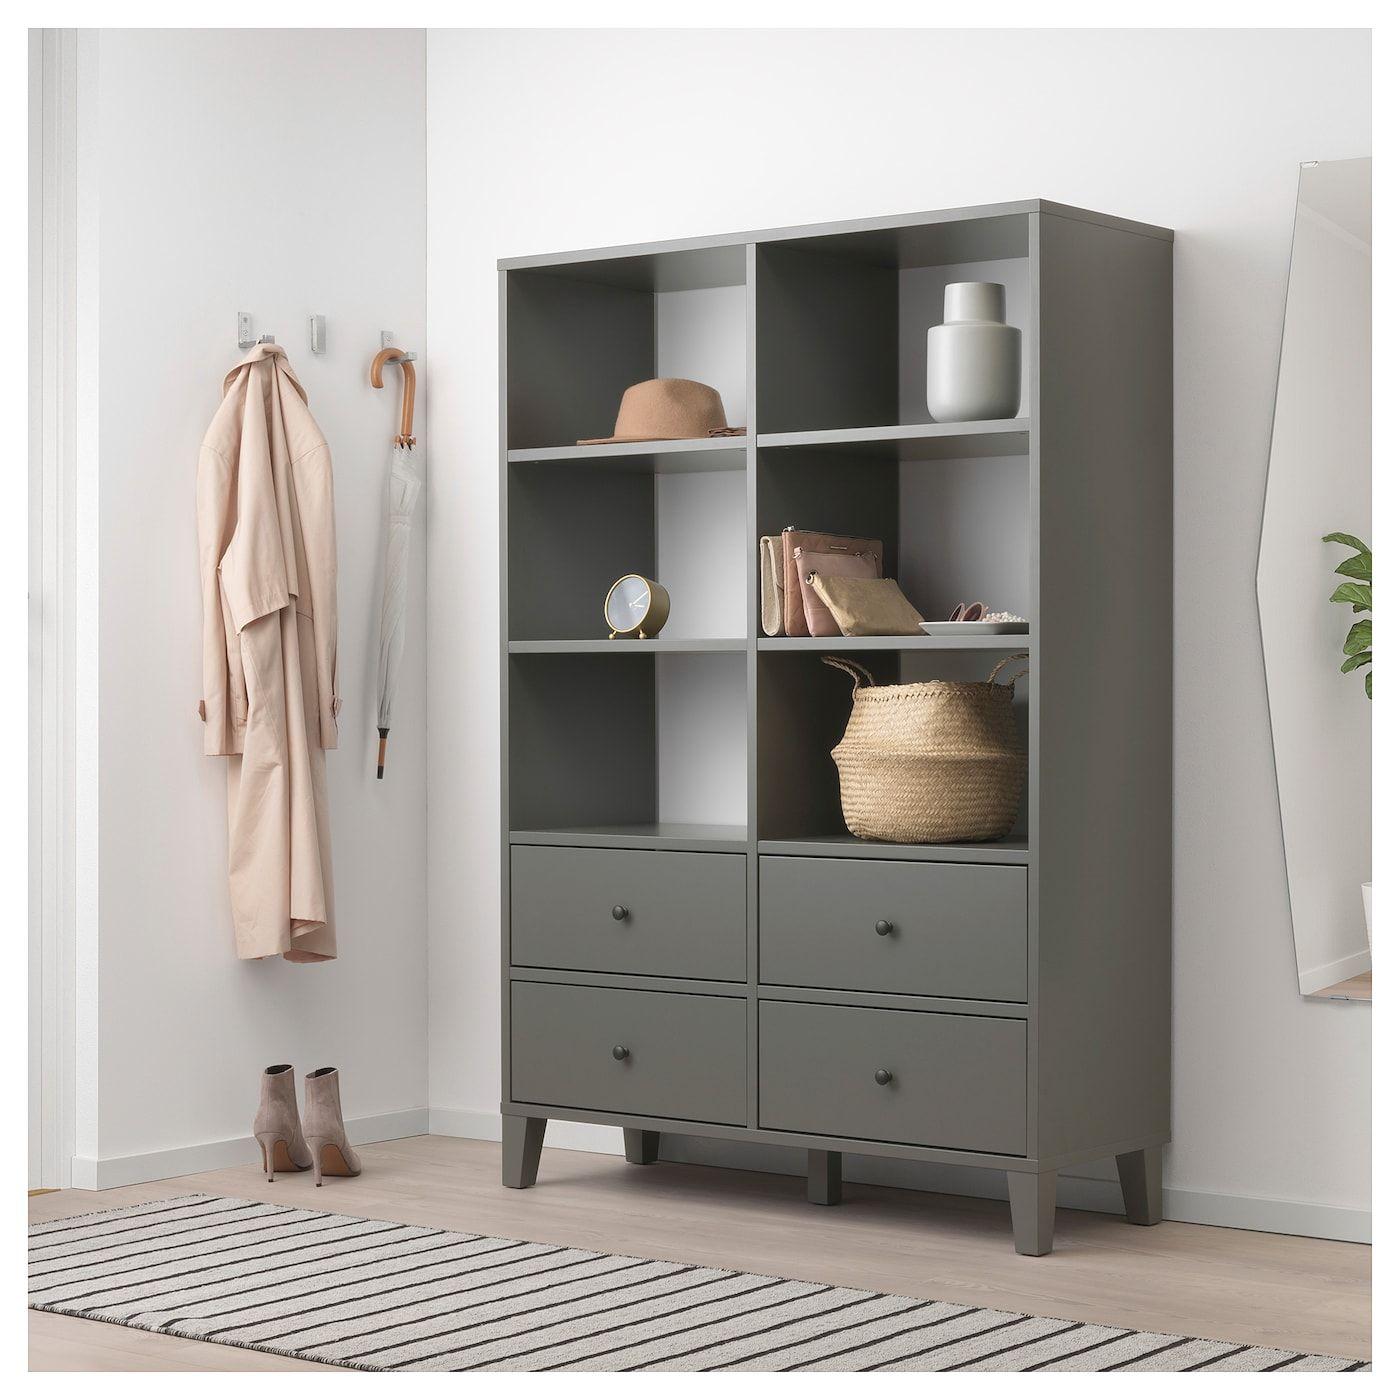 Bryggja Storage Unit Dark Gray 47 1 4x68 1 8 Ikea Ikea Storage Units Living Room Storage Bedroom Storage For Small Rooms